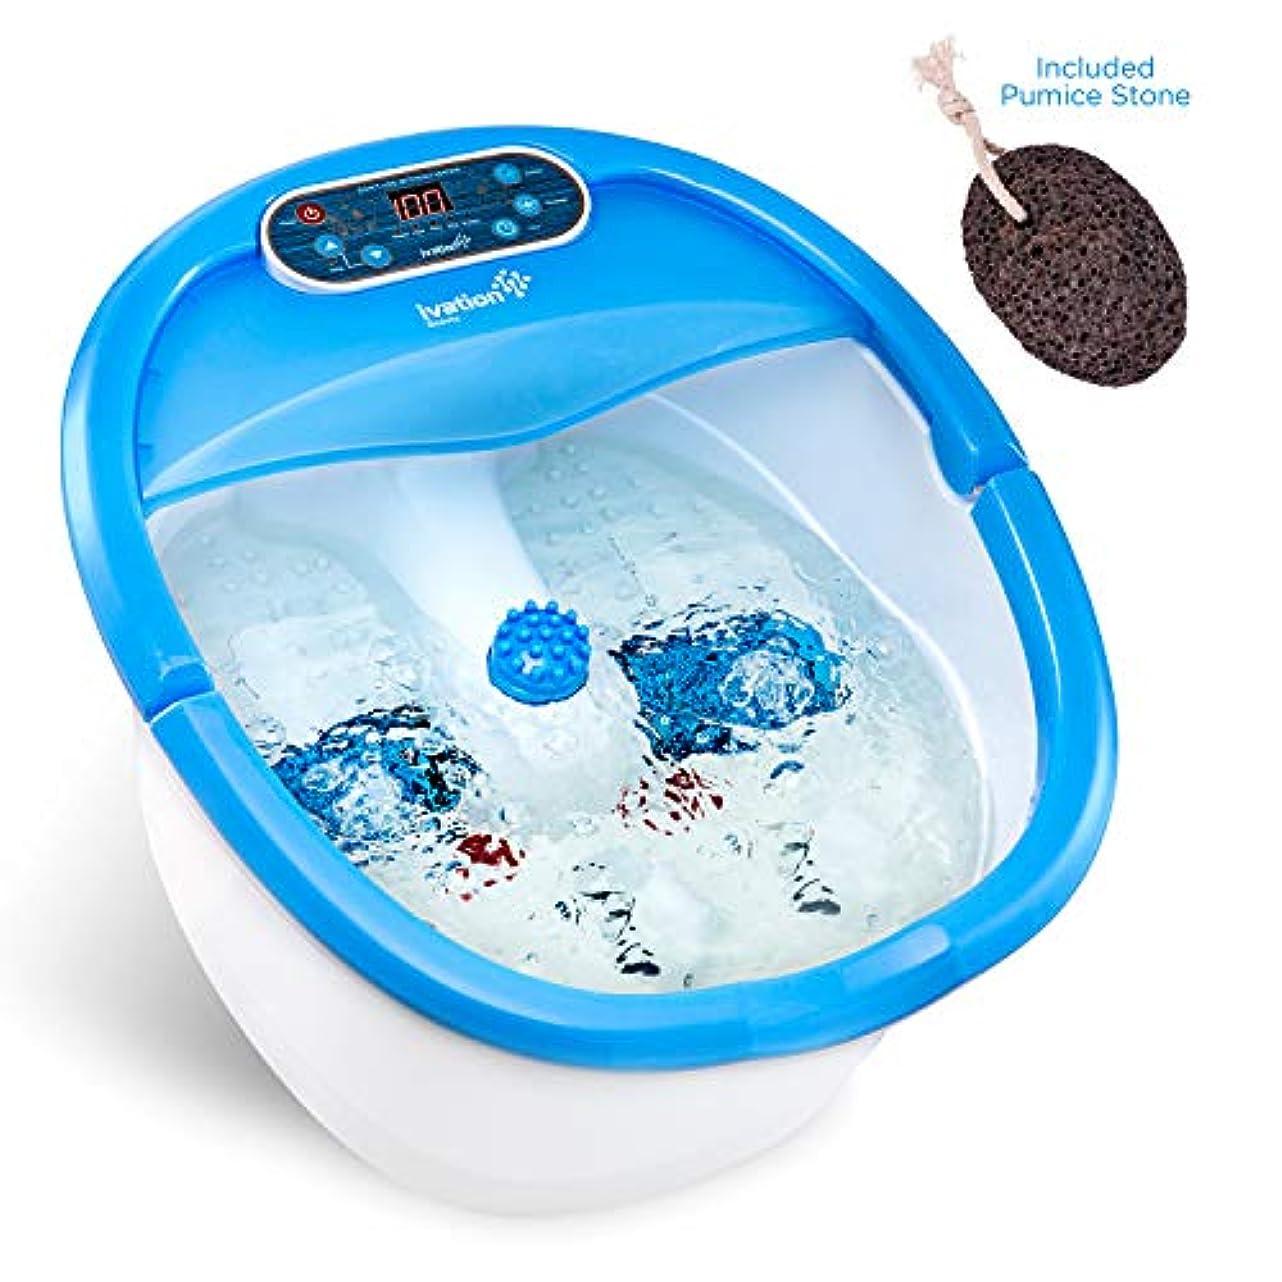 広告するホイールサバントフォットスパ マッサージャー Ivation Foot Spa Massager - Heated Bath, Automatic Massage Rollers, Vibration, Bubbles, Digital...